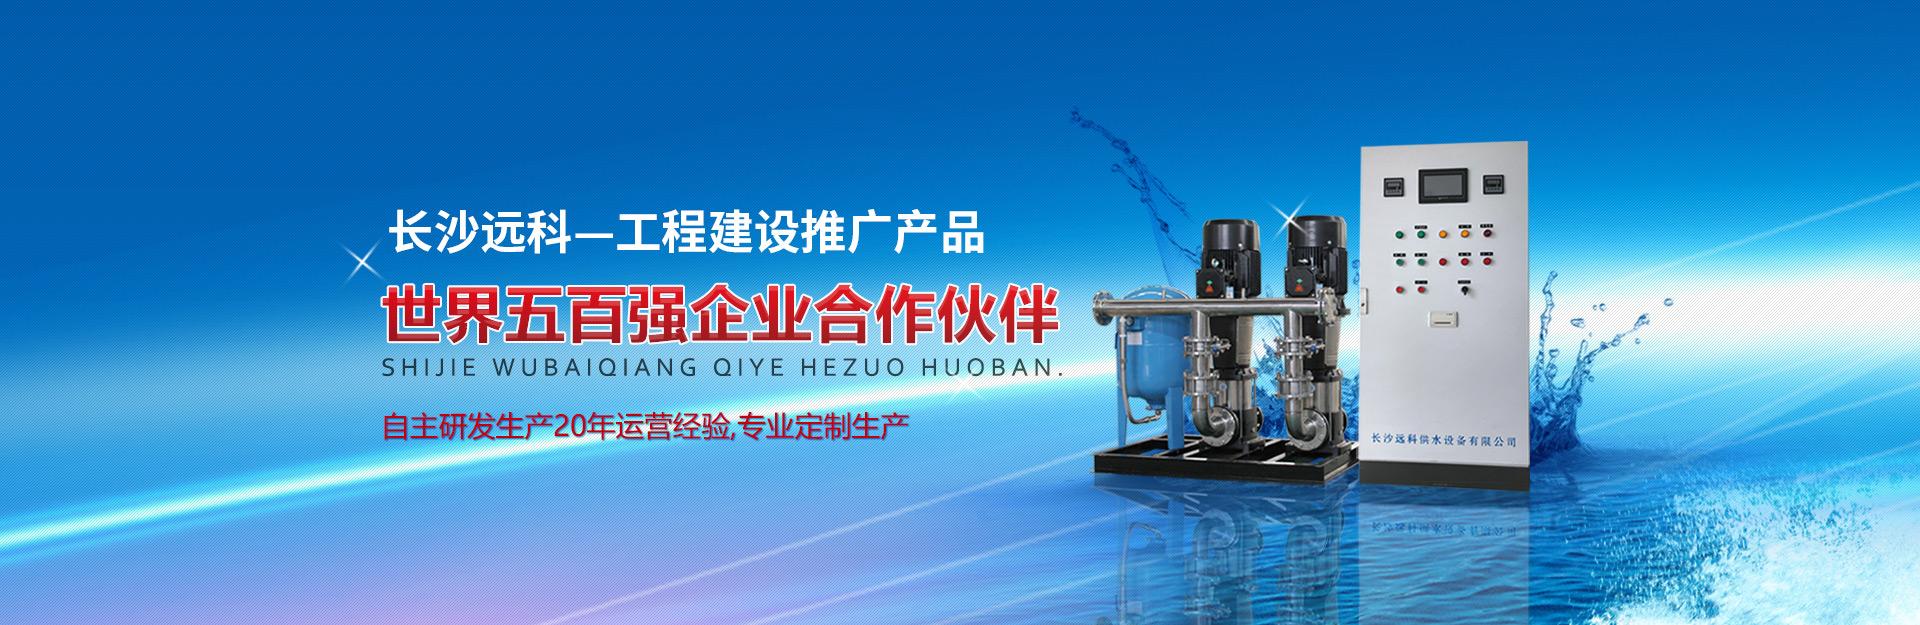 【无负压供水设备_无负压供水设备价格_无负压供水设备厂】-长沙远科供水